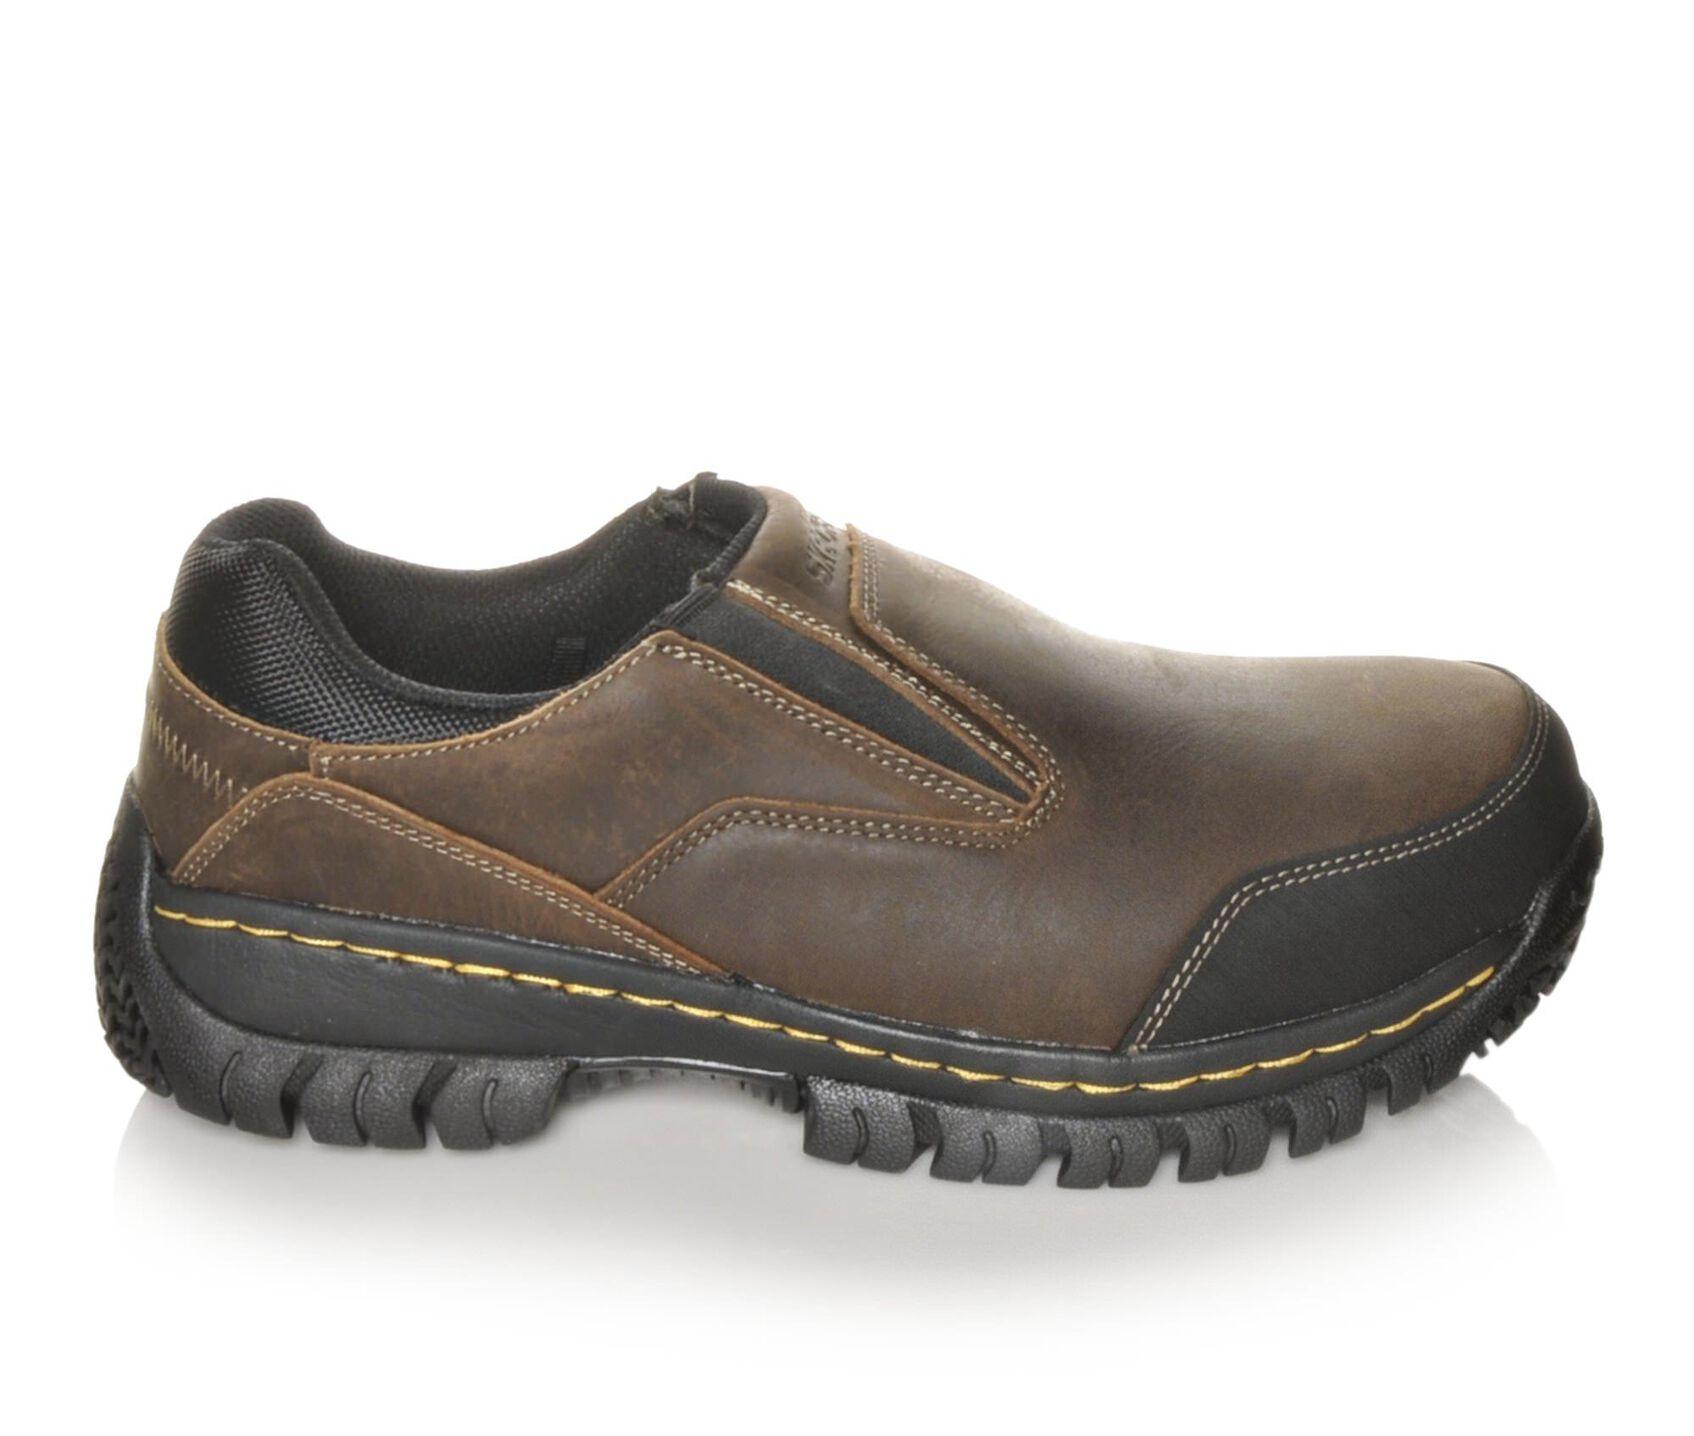 861883286a717 Men's Skechers Work 77066 Hartan Steel Toe Work Shoes | Shoe Carnival